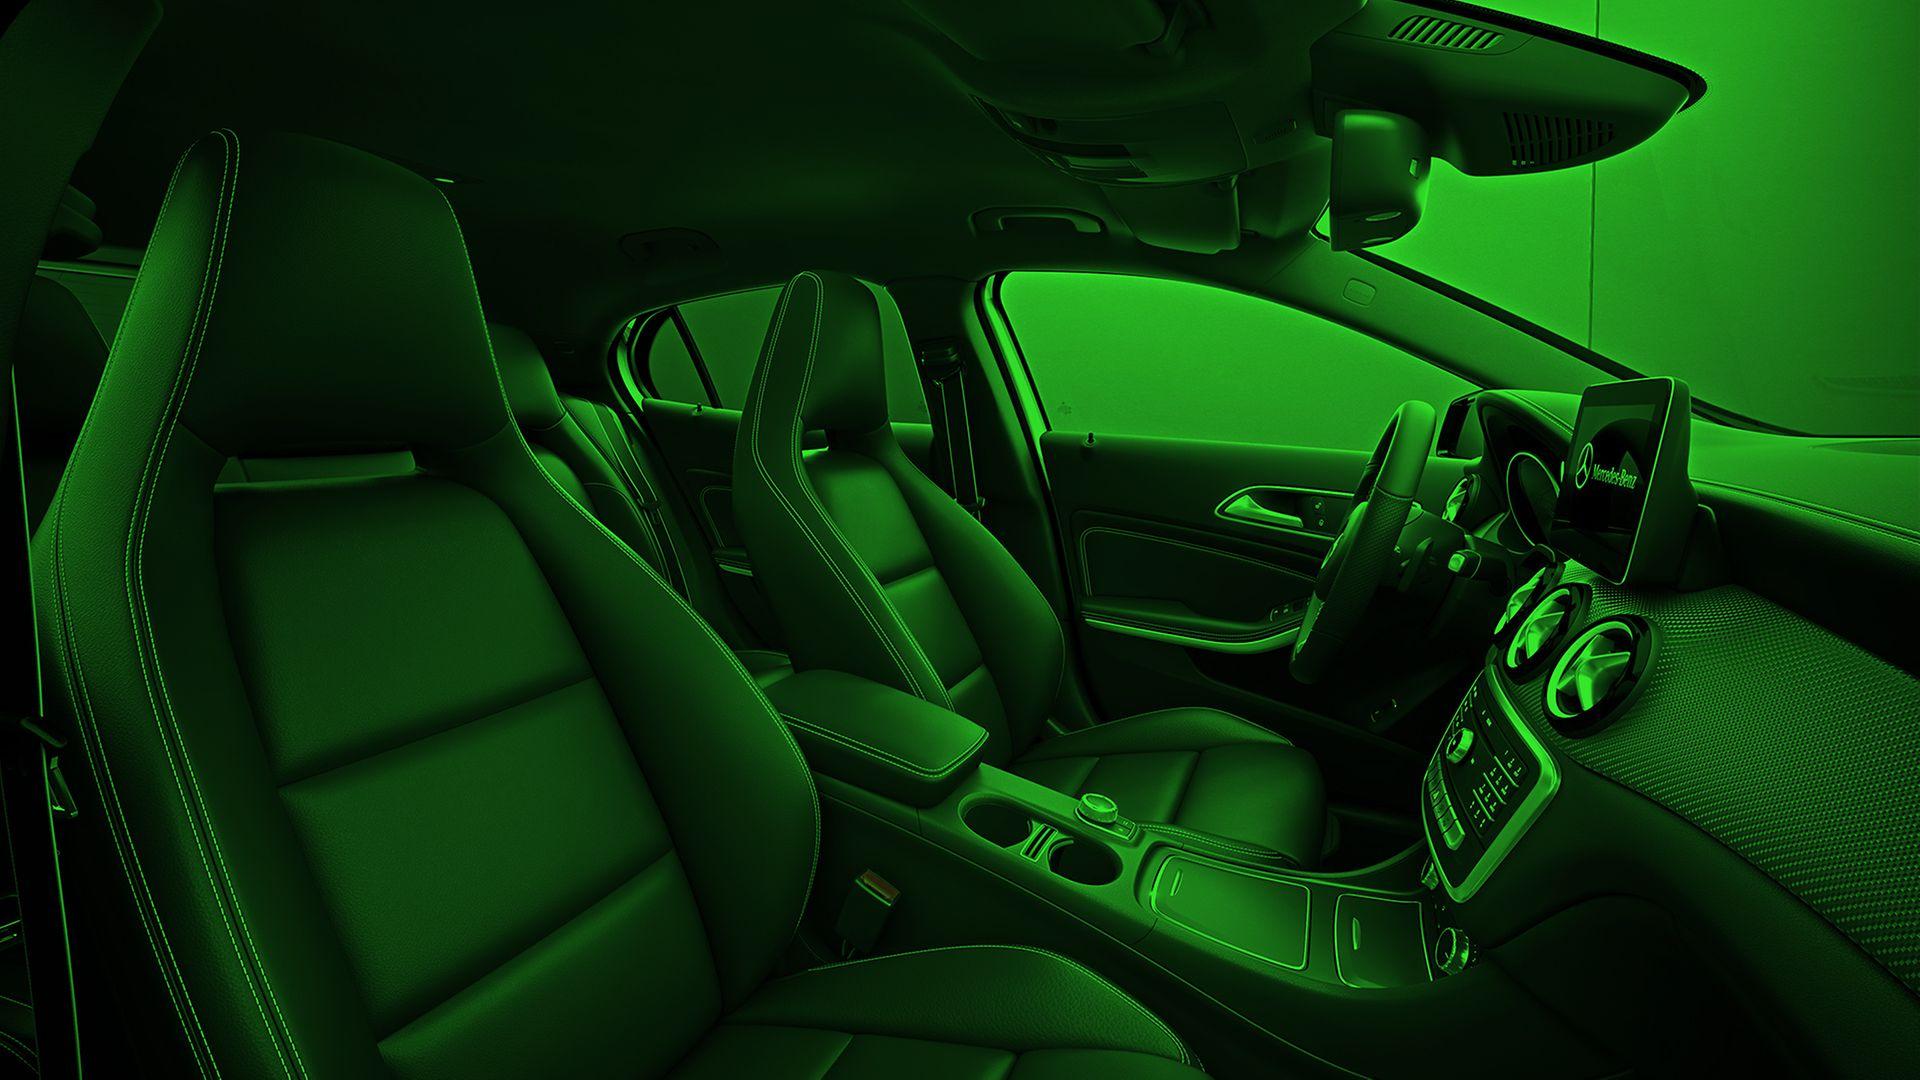 Innenansicht Mercedes Pkw eingefärbt